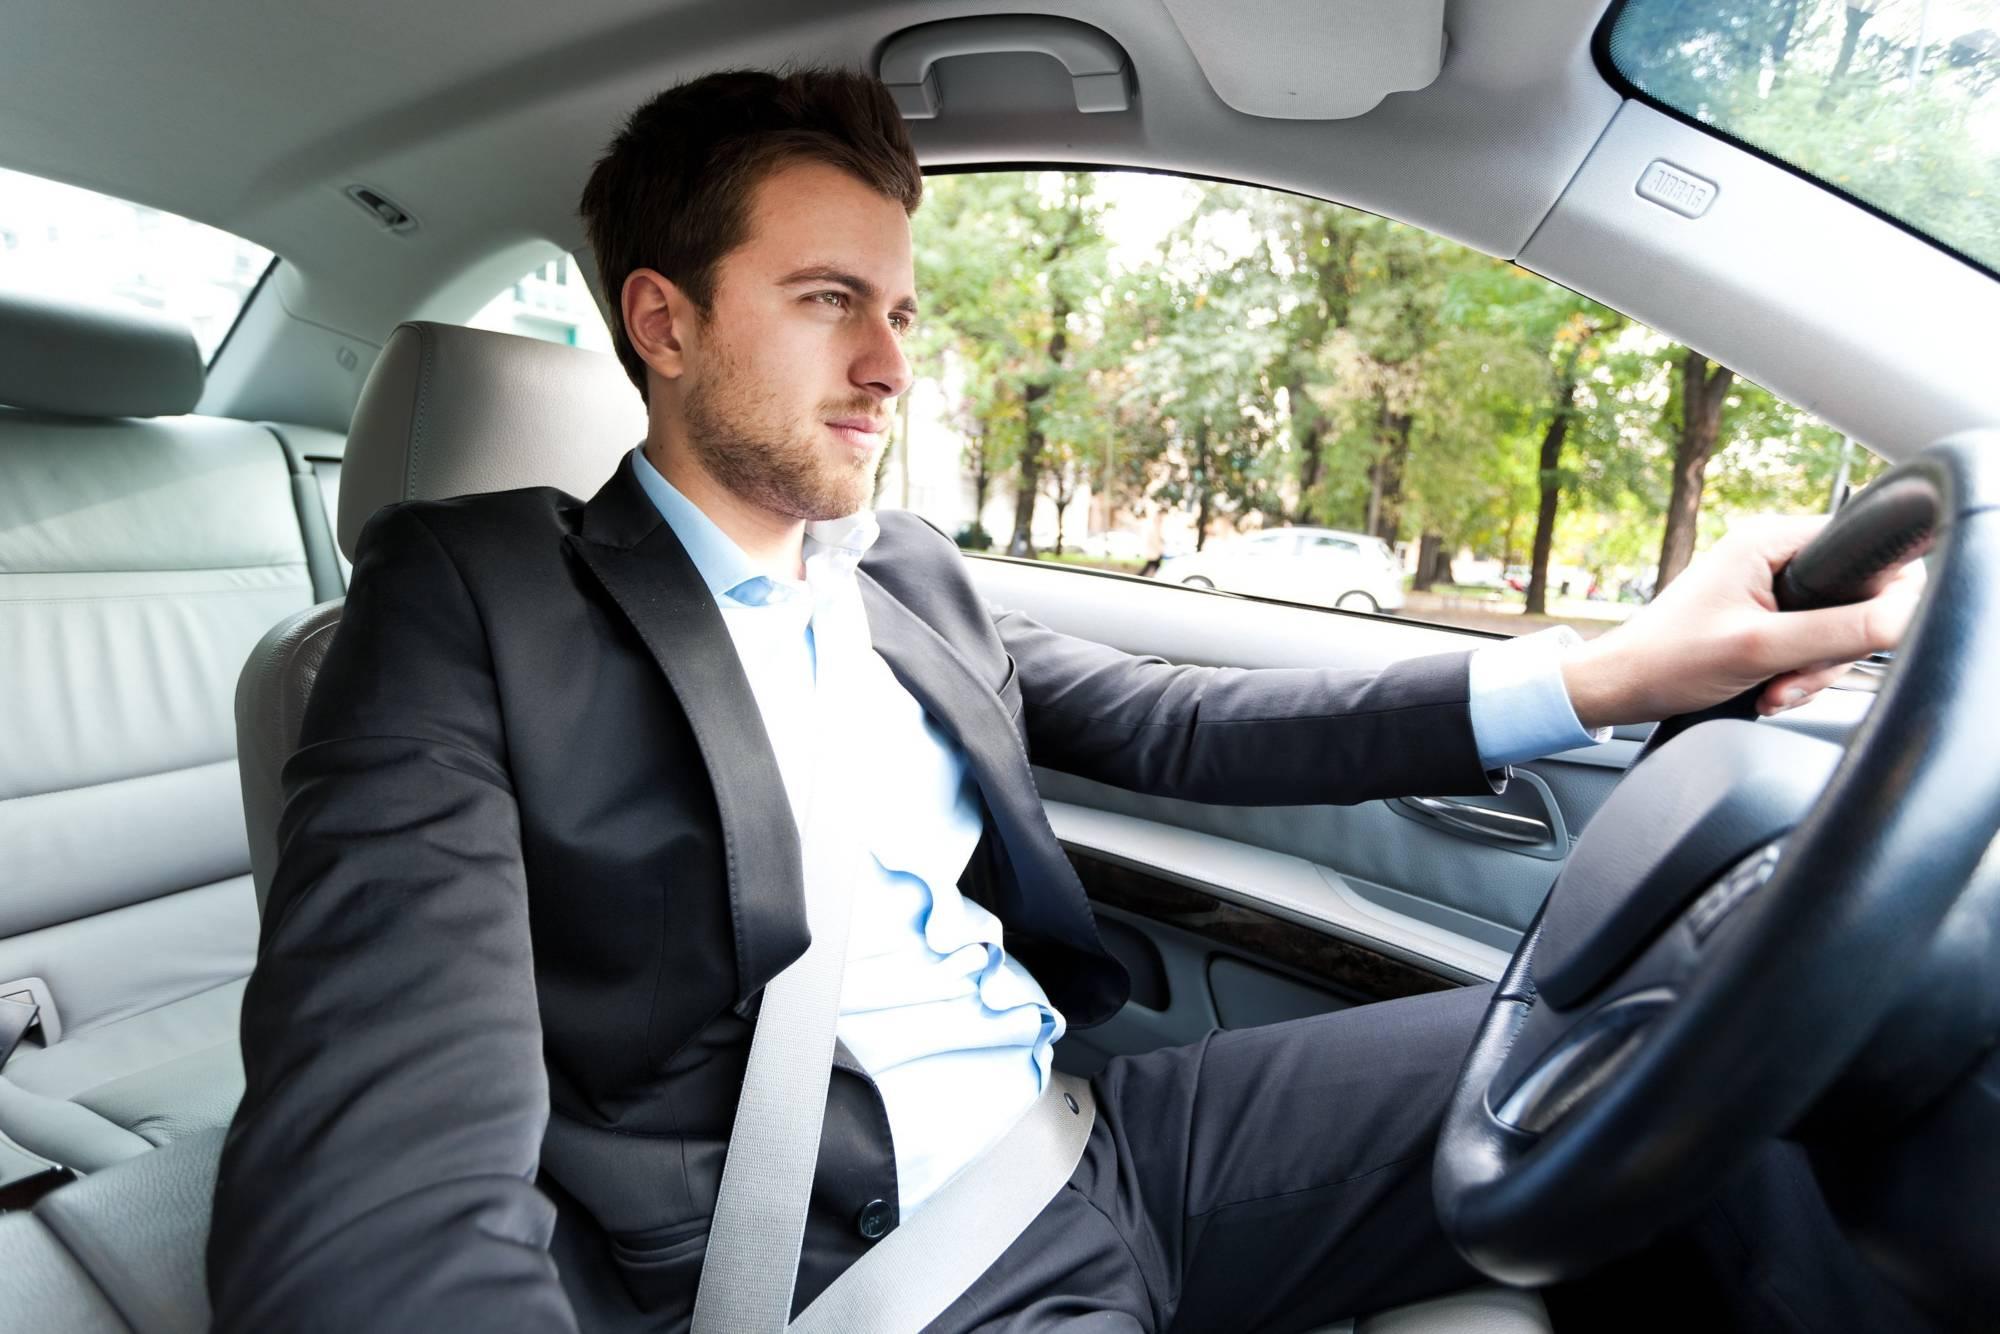 далеко все реальные фото мужчин в автомобиле жаловались, что стране